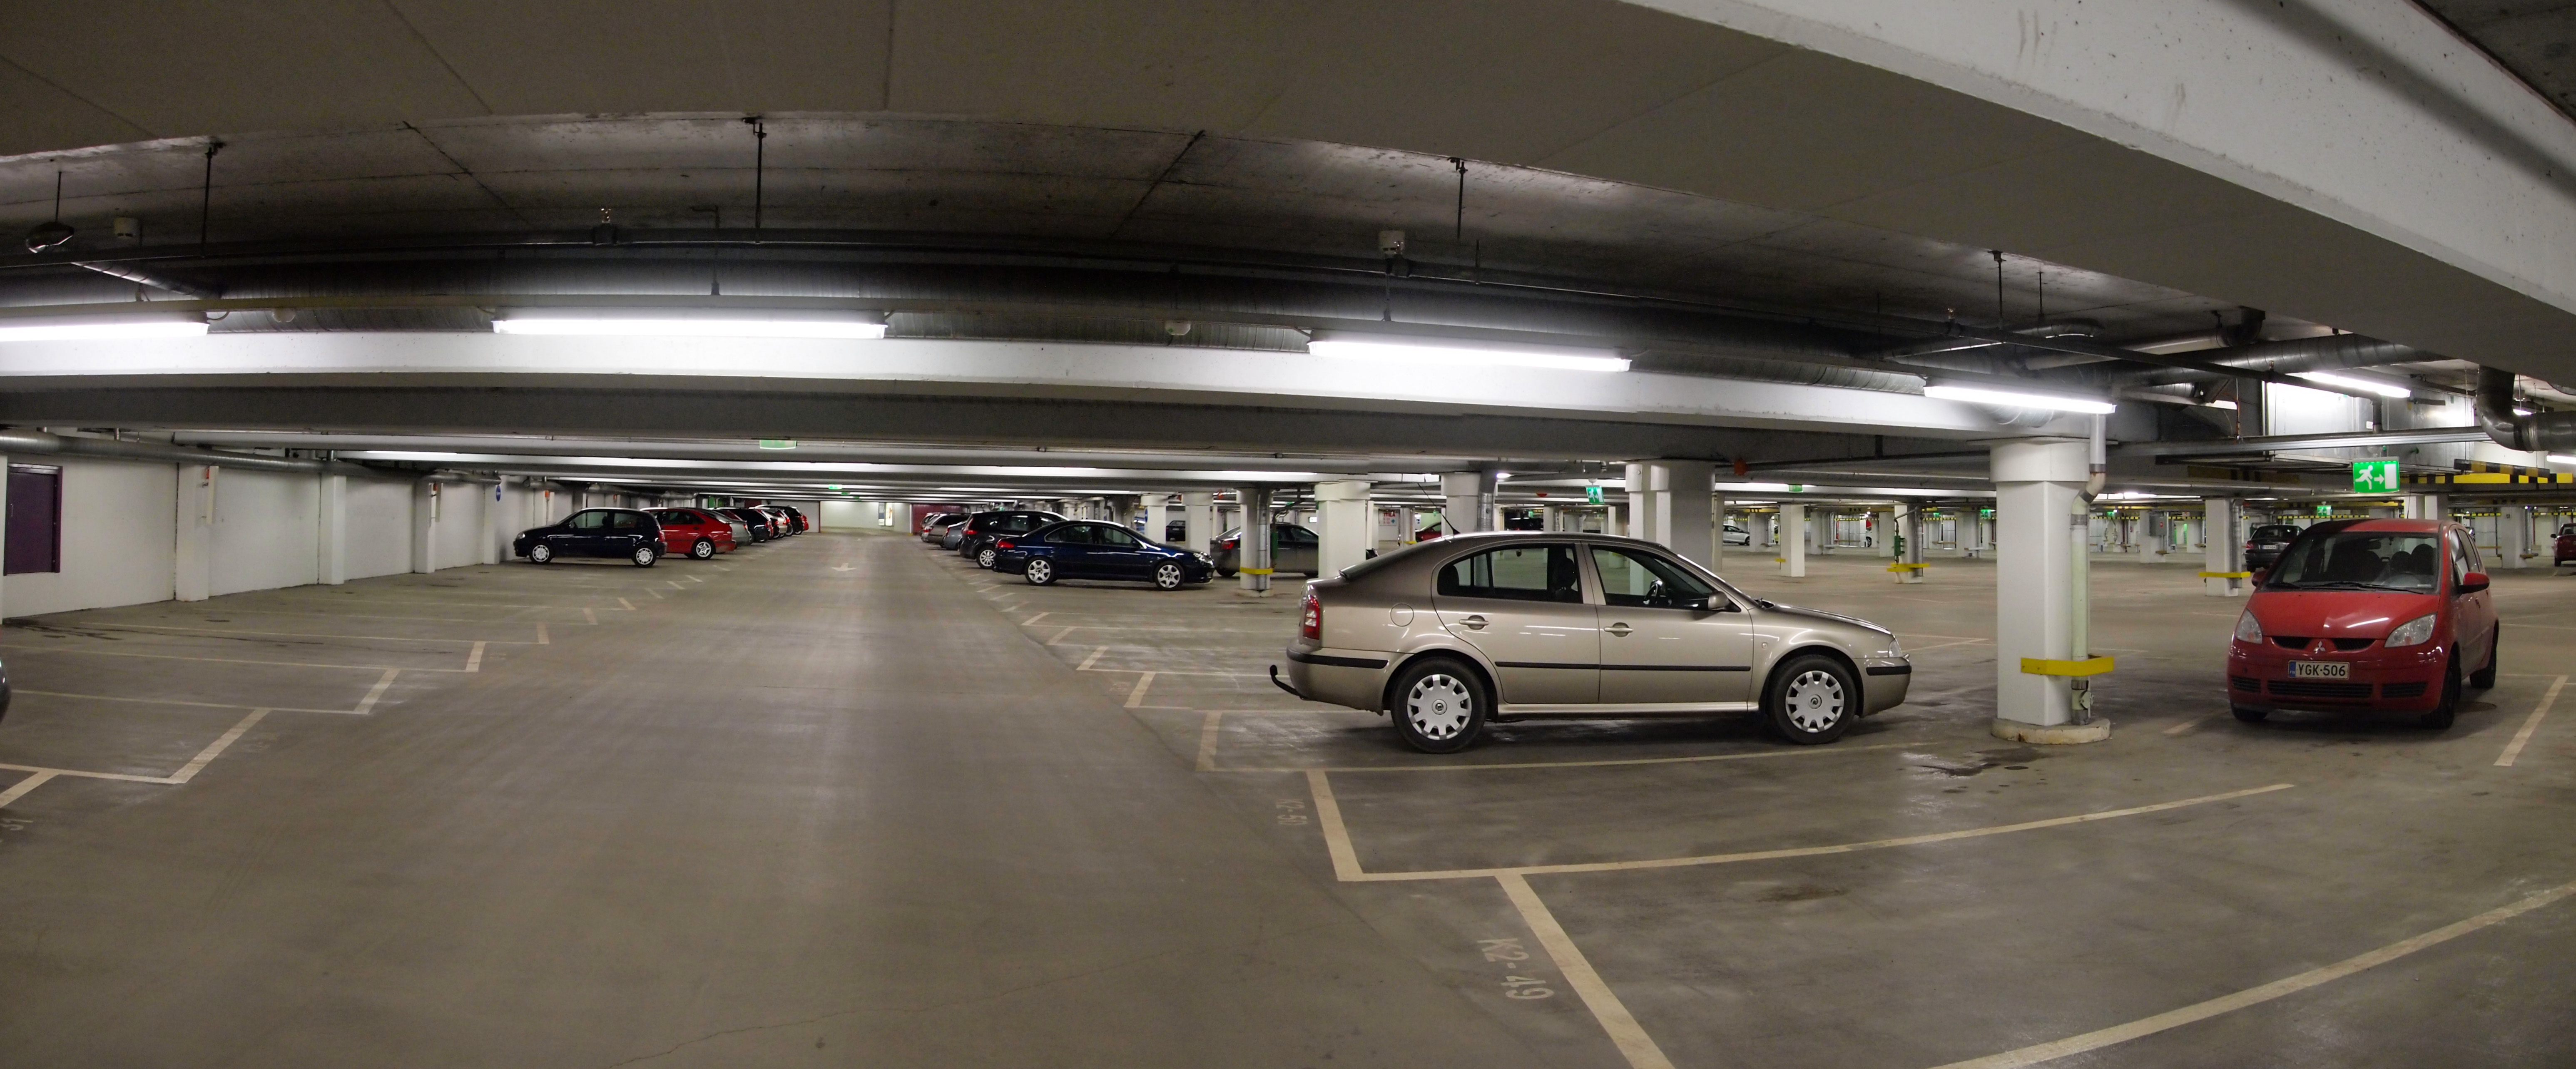 Underground Parking Garage Parking Lot Survive The Nights